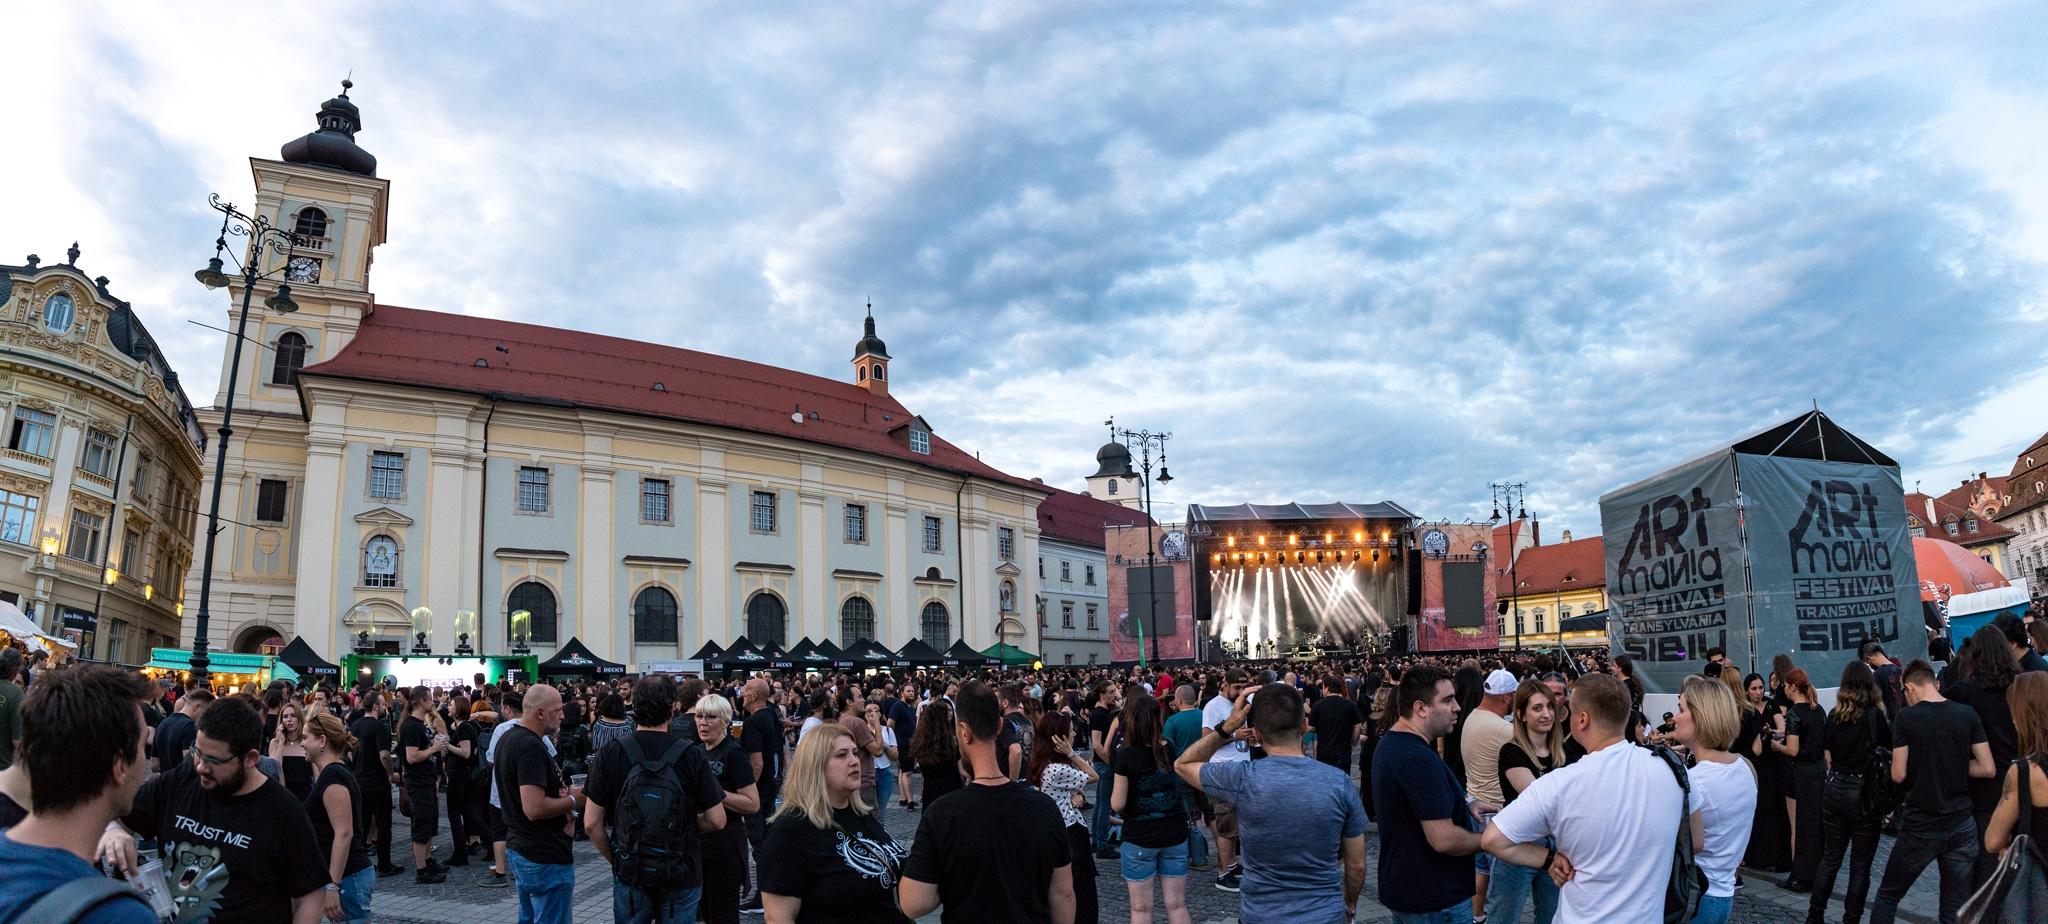 Galerie foto ARTmania Festival 2019, ziua 2: Möbius, Alcest, Madrugada si Opeth